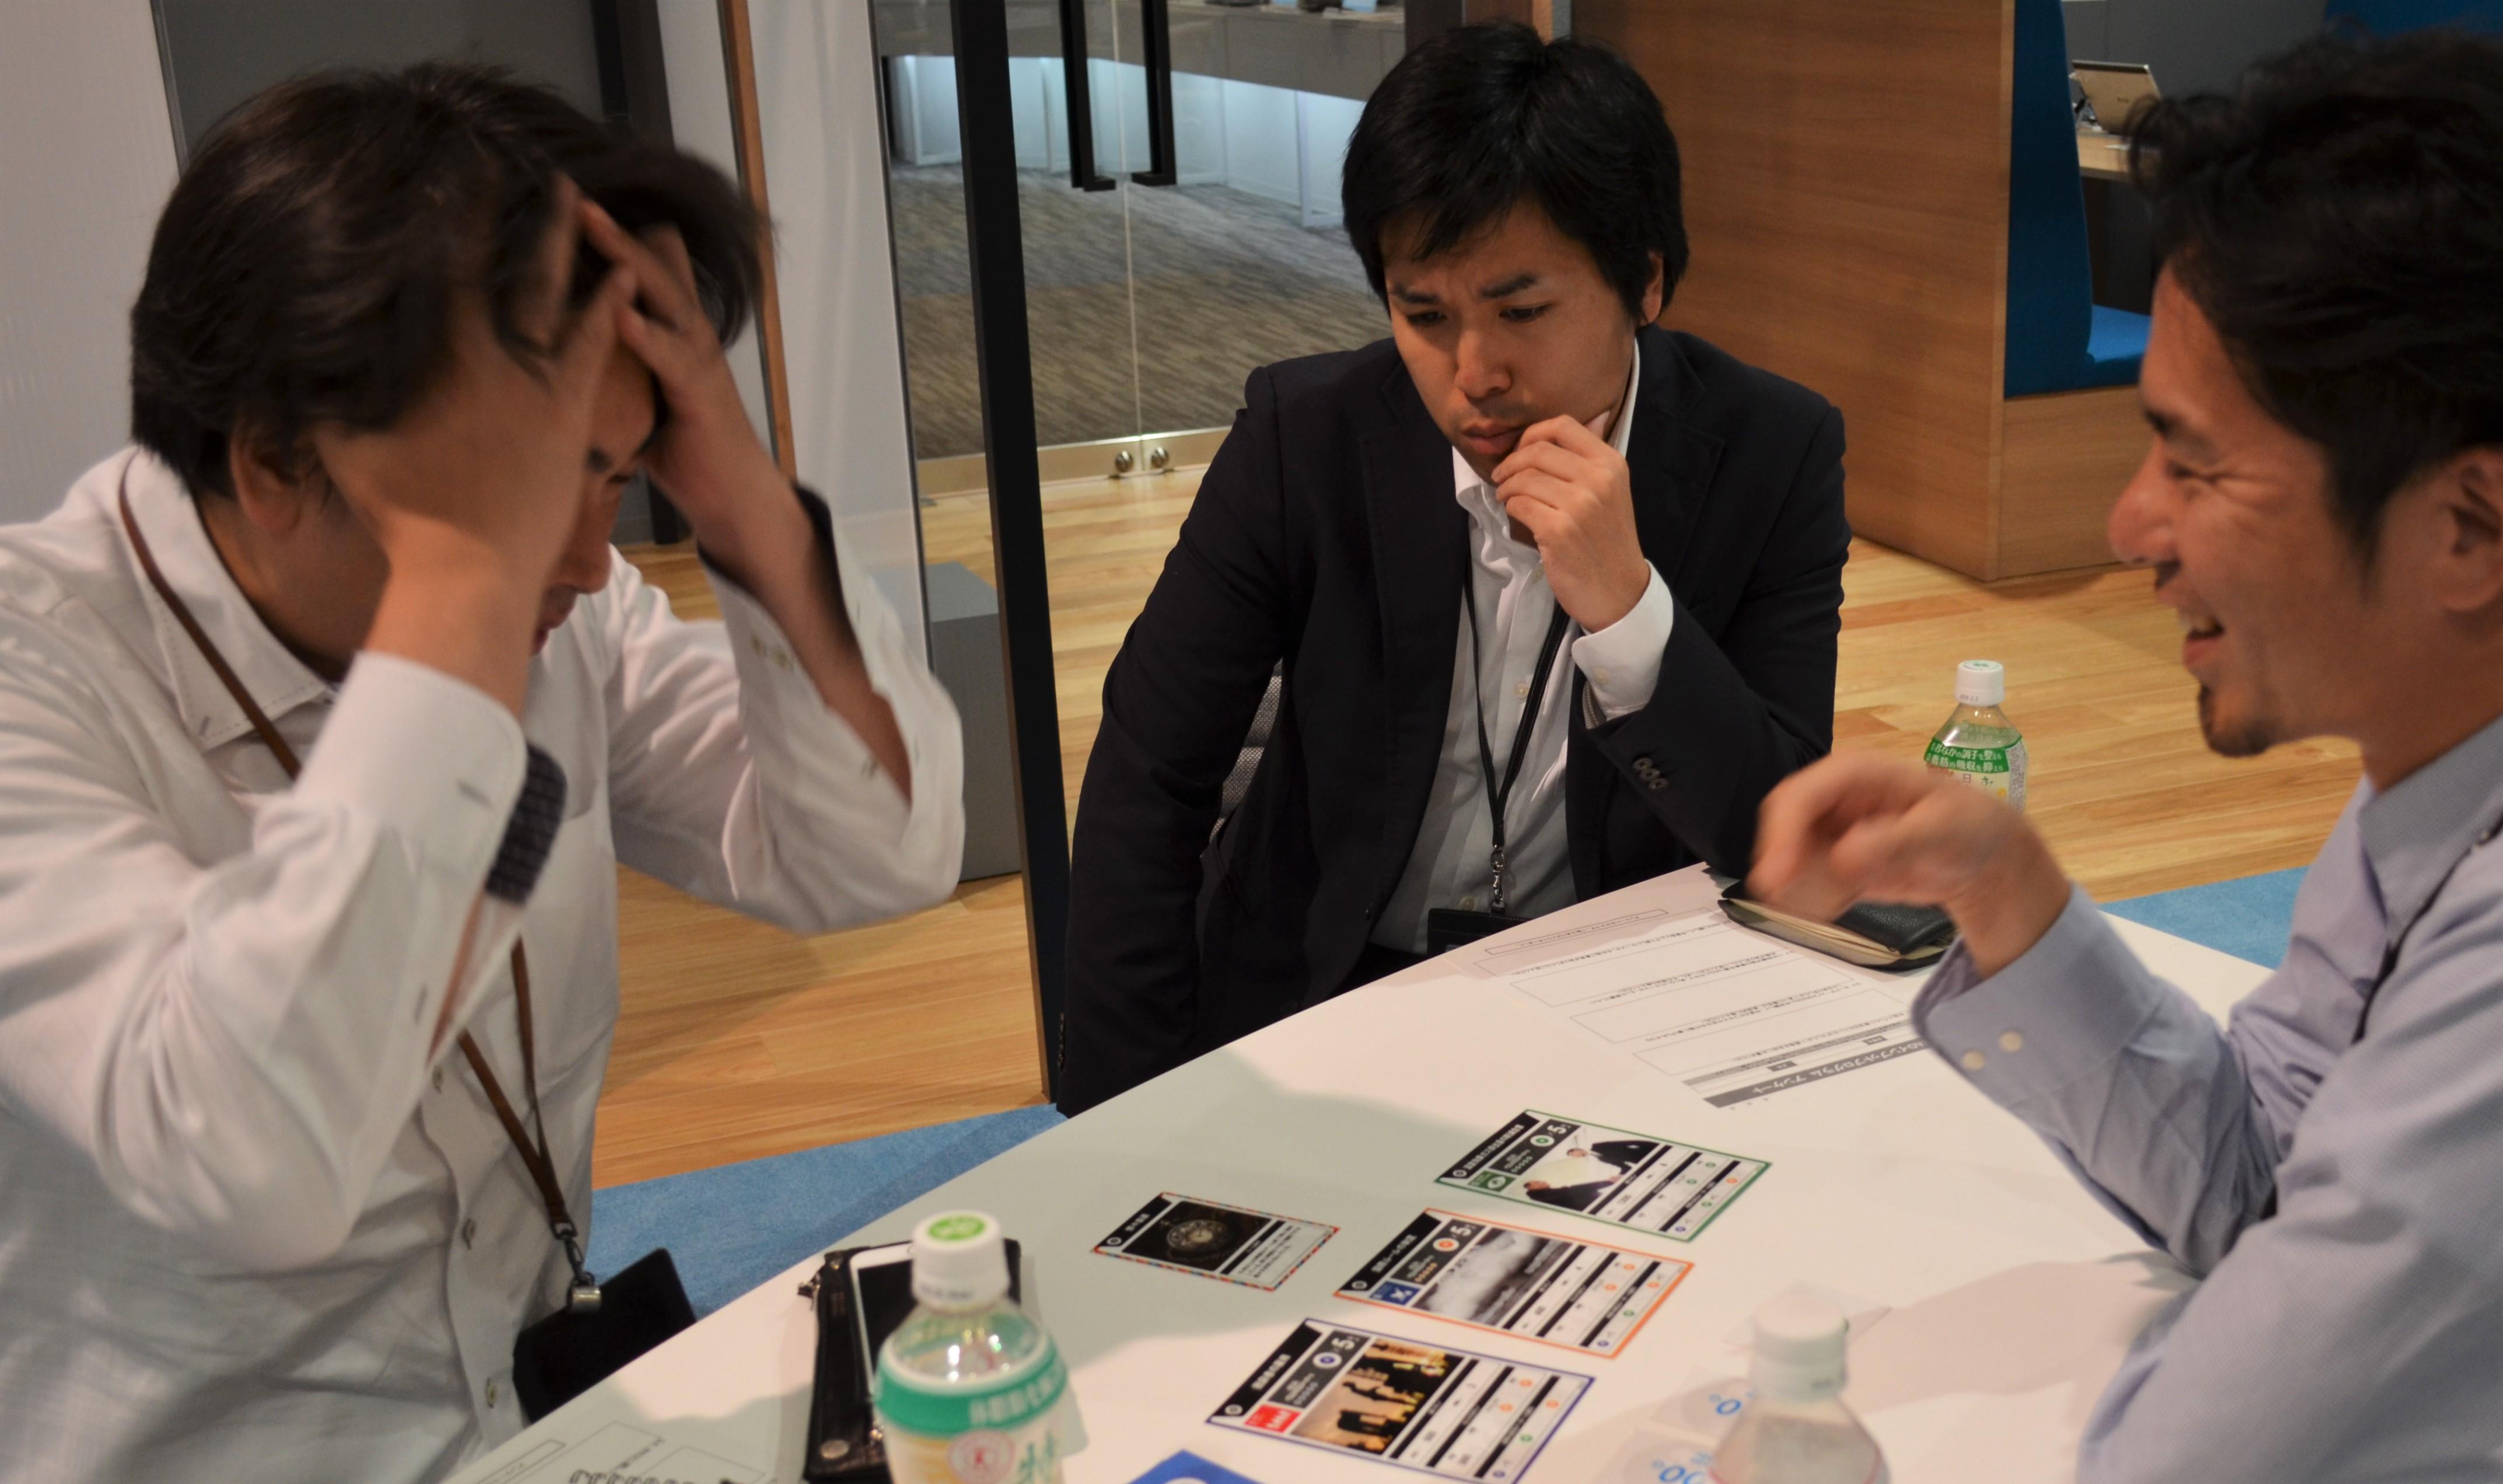 【イマココラボ主催】【7/18開催】SDGsカードゲーム ~ SDGsから生まれる世界の可能性 ~